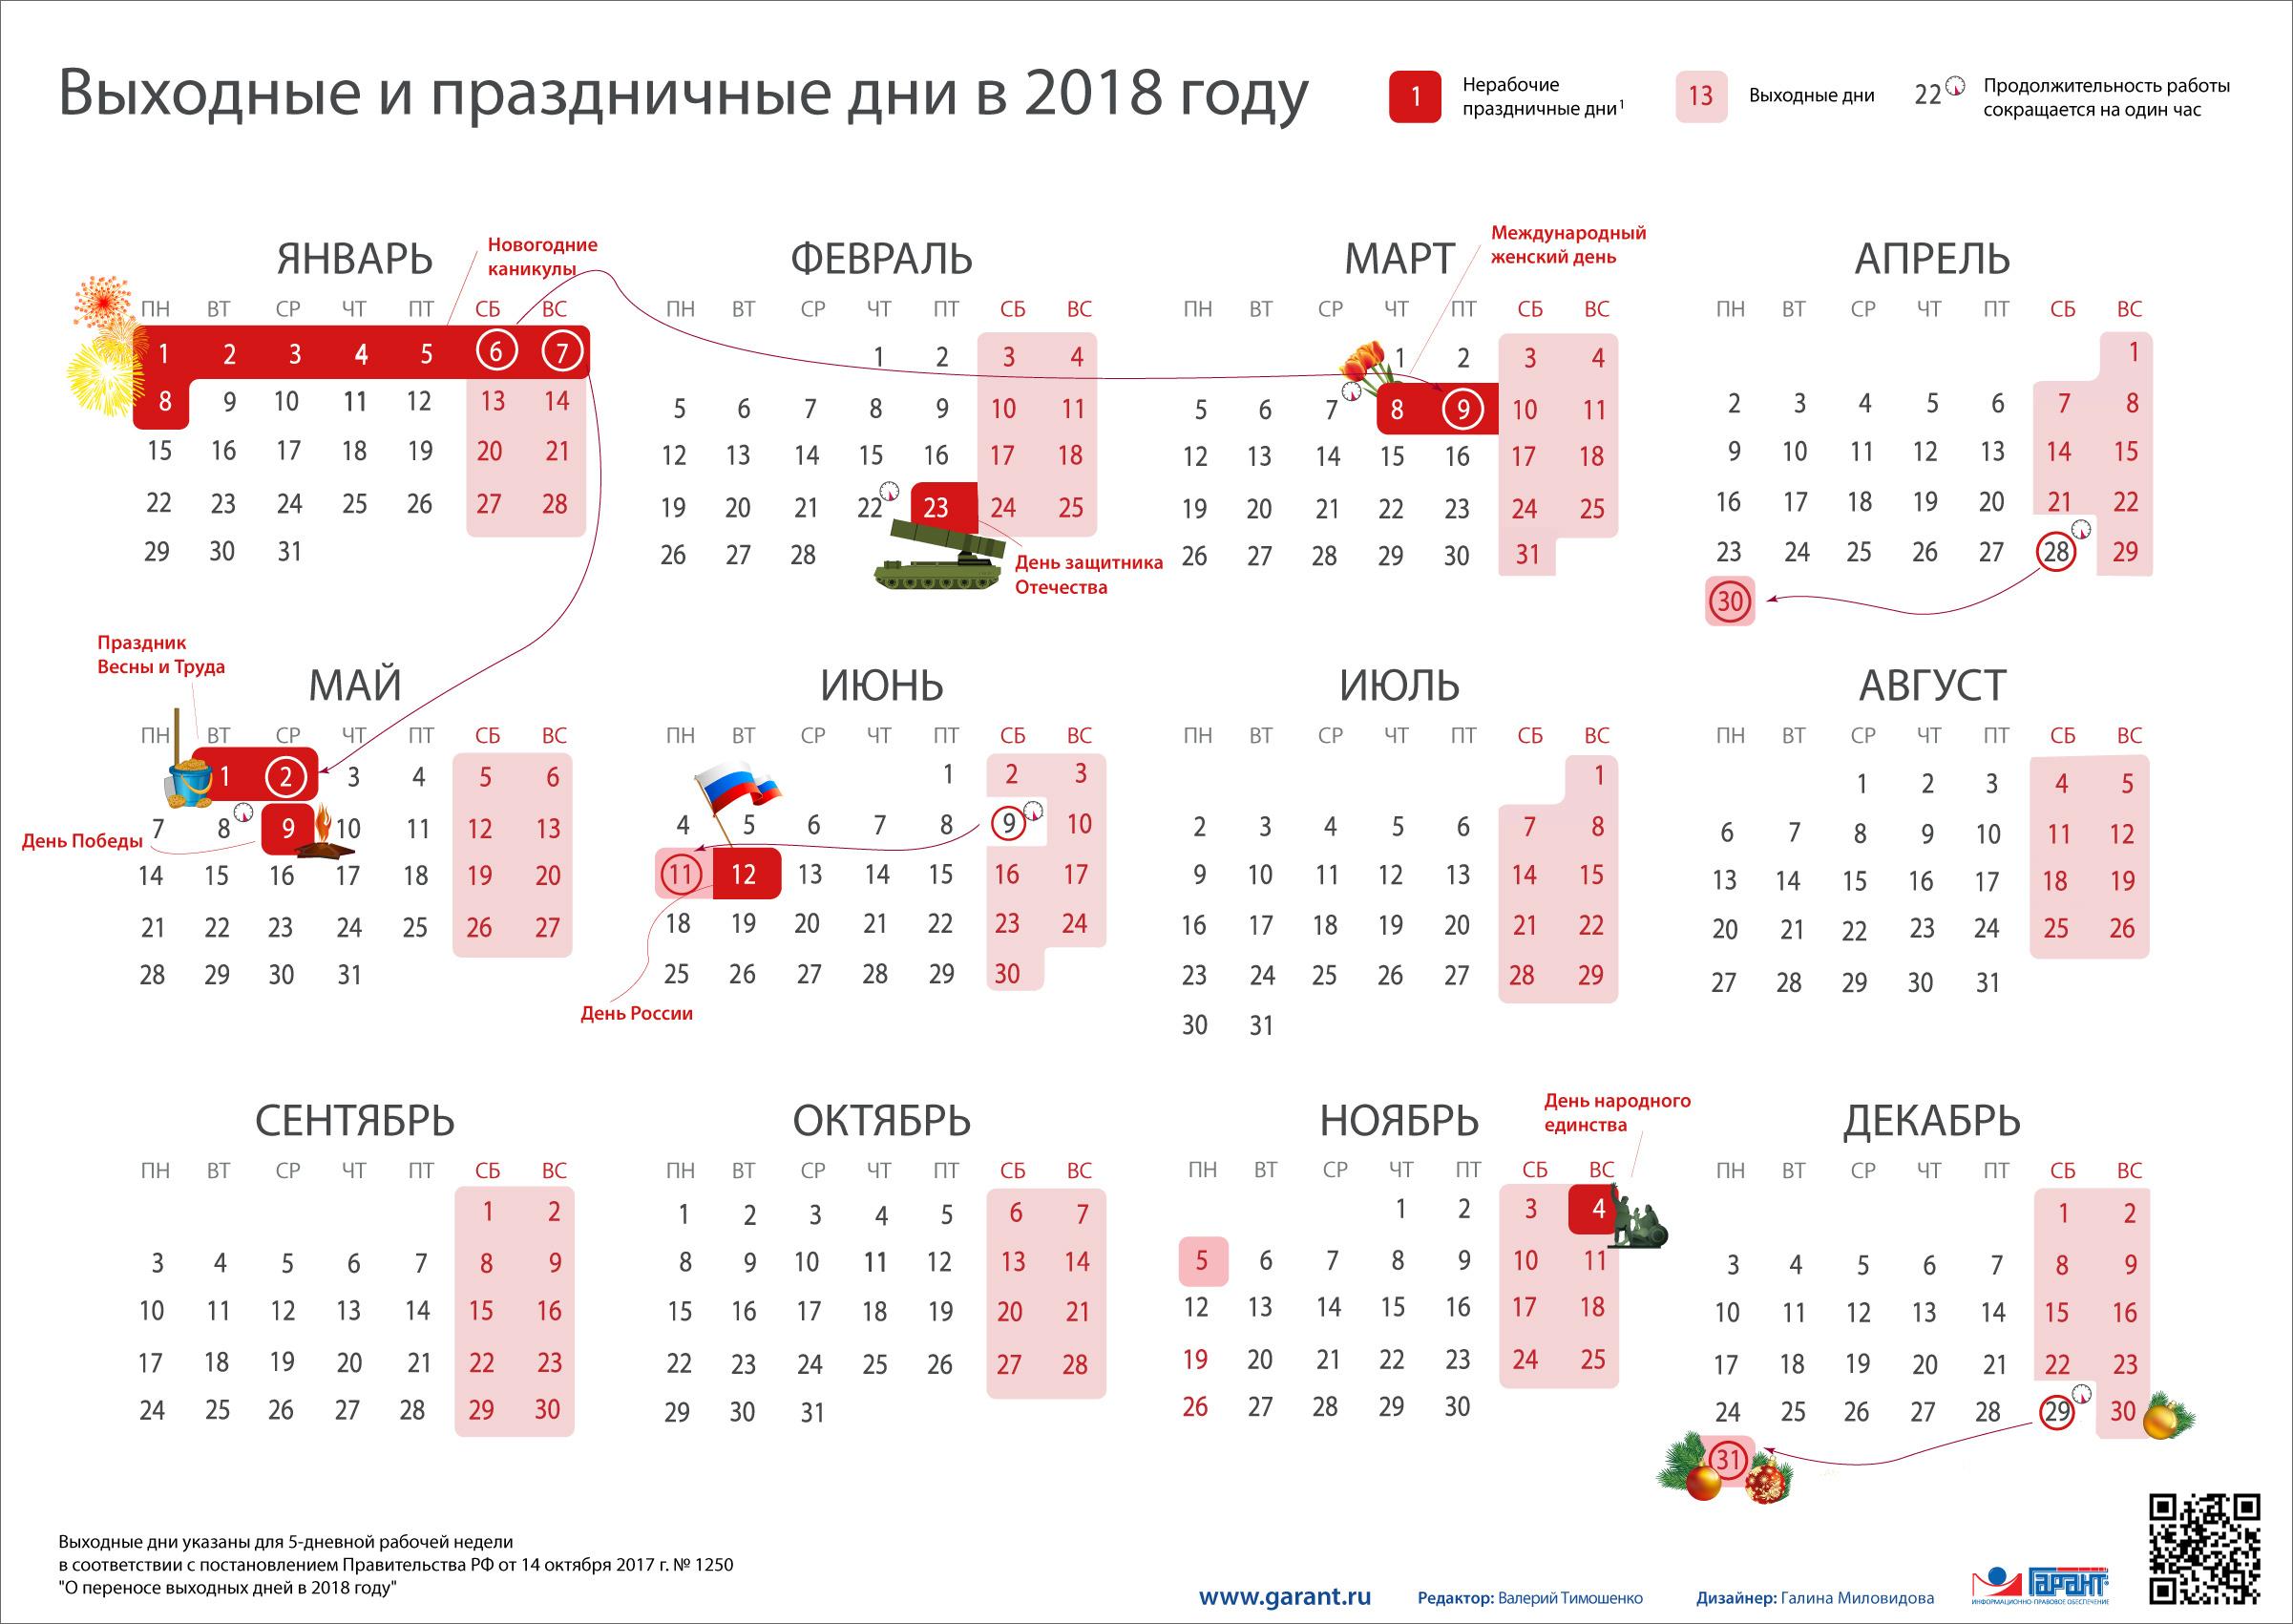 Как отдохнут казахстанцы в 2018 году